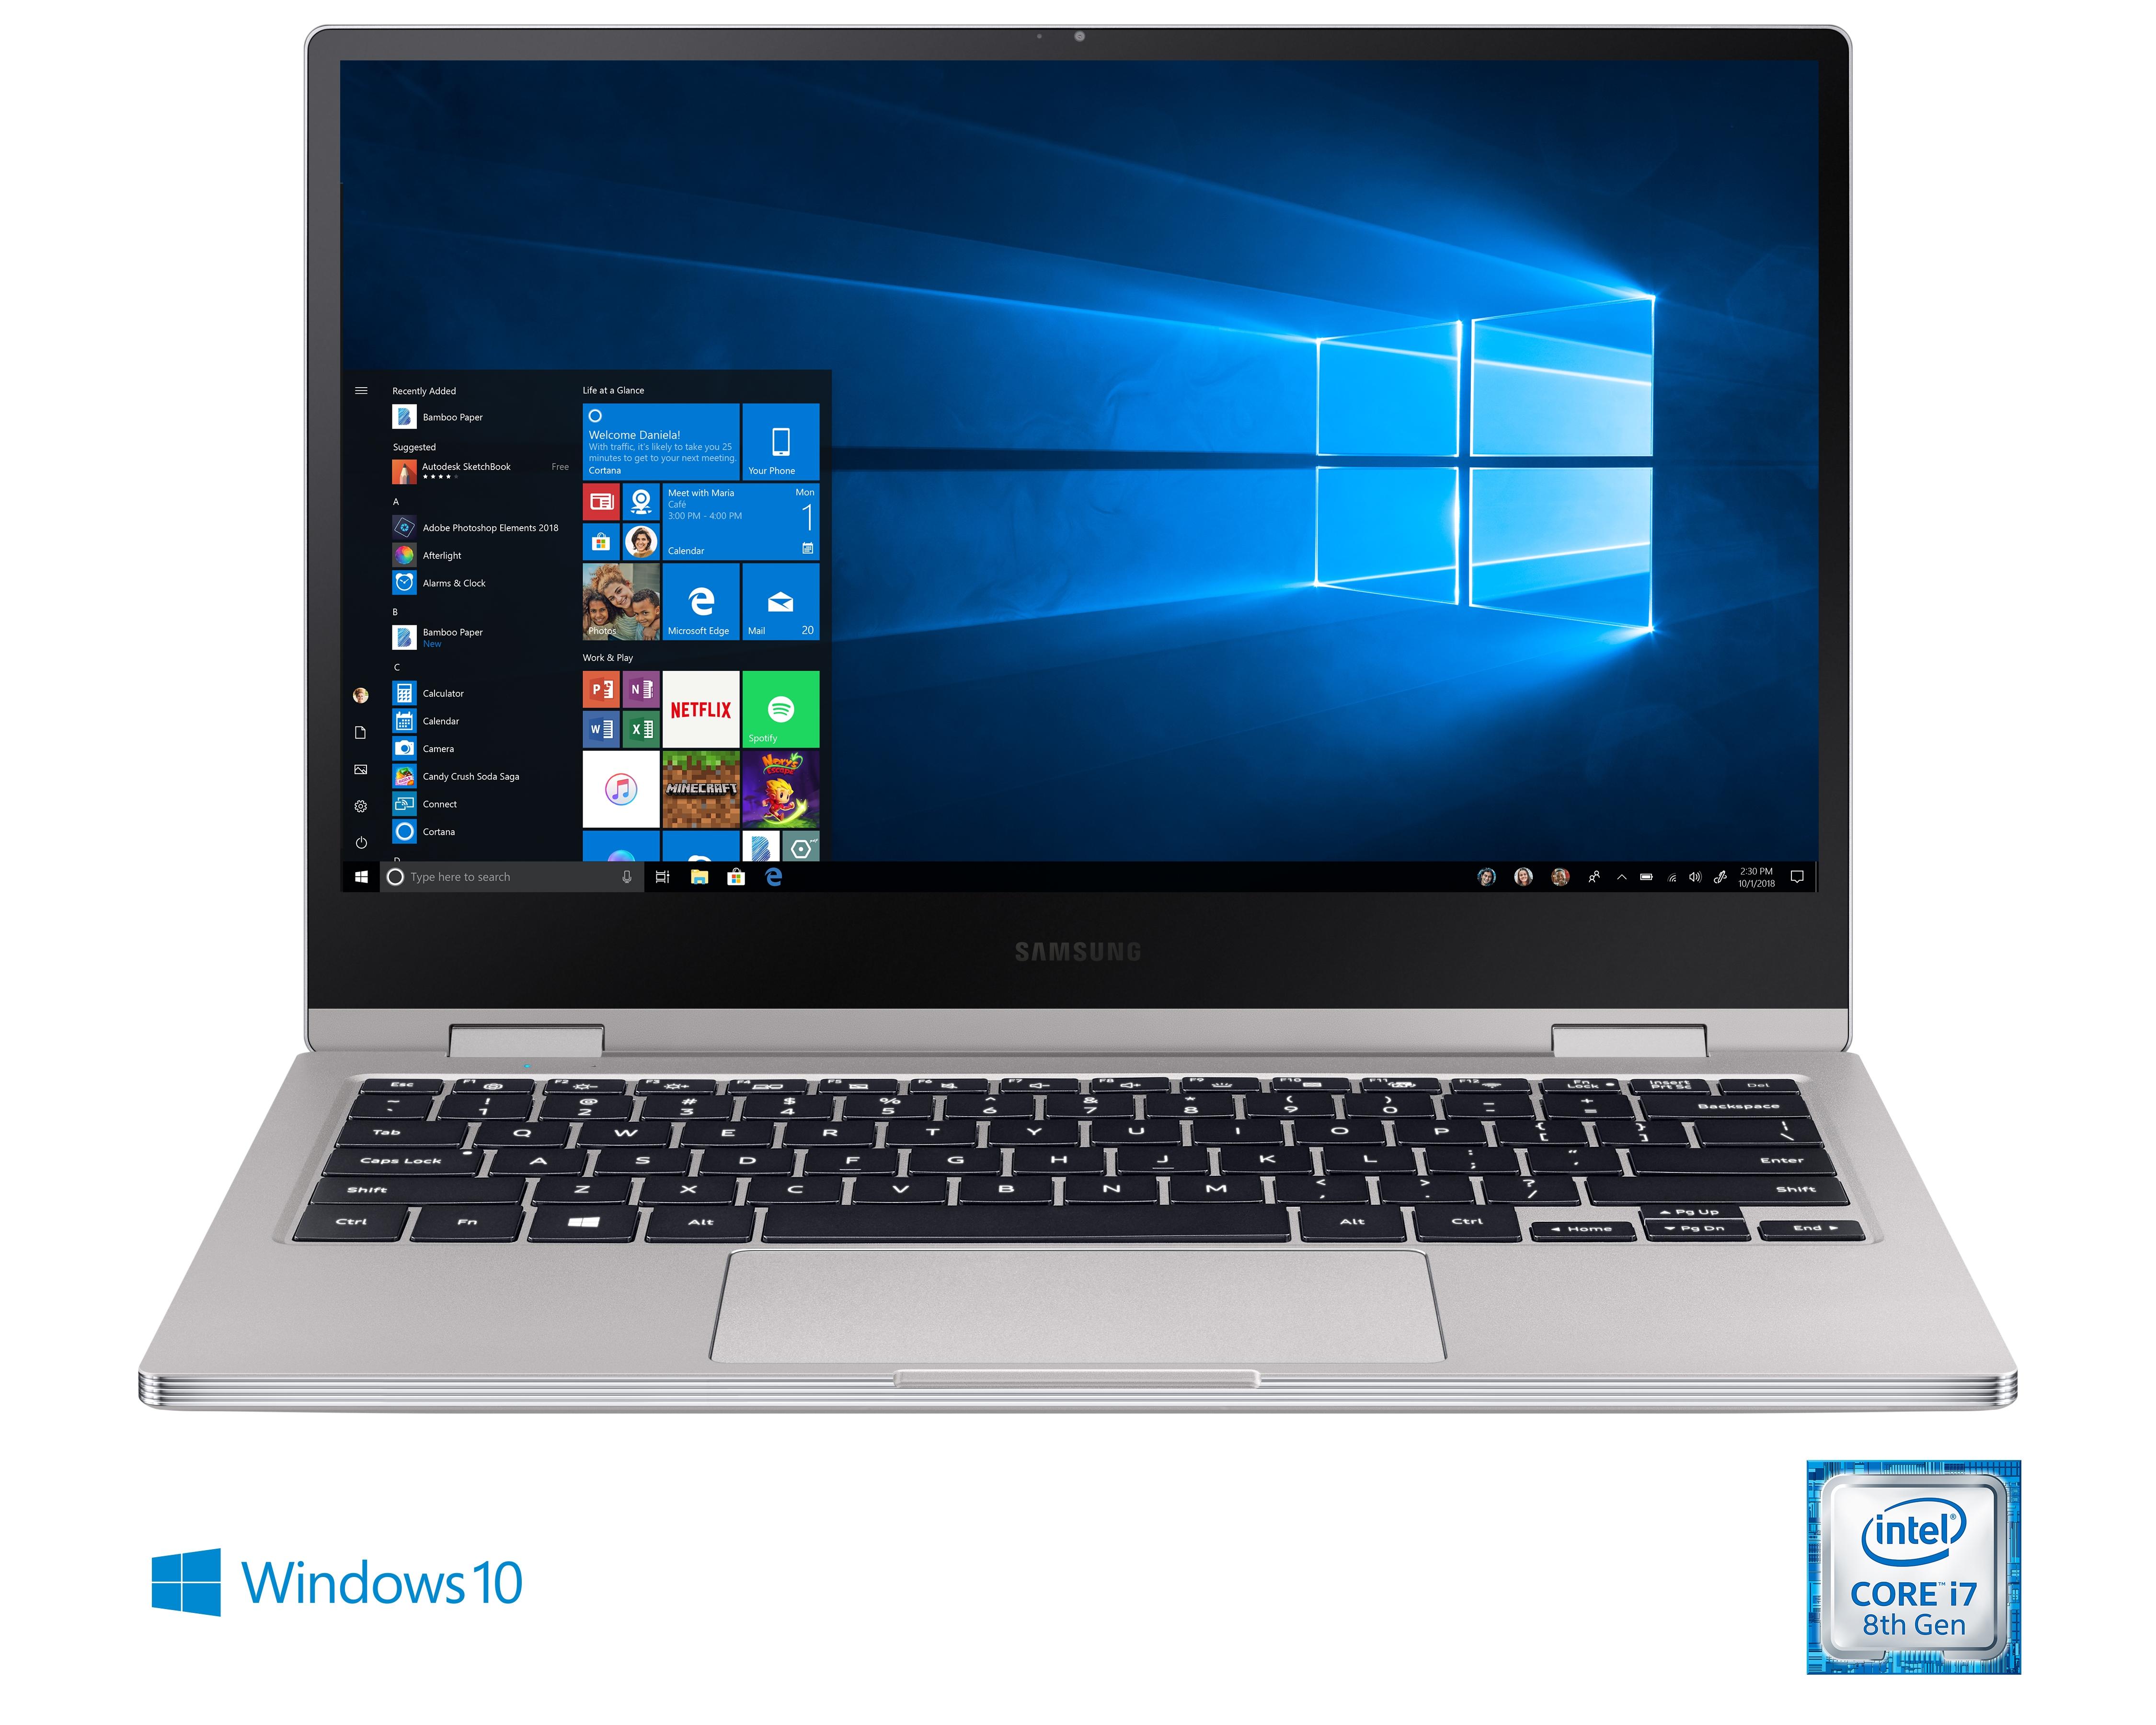 Notebook 9 Pro (512 GB)